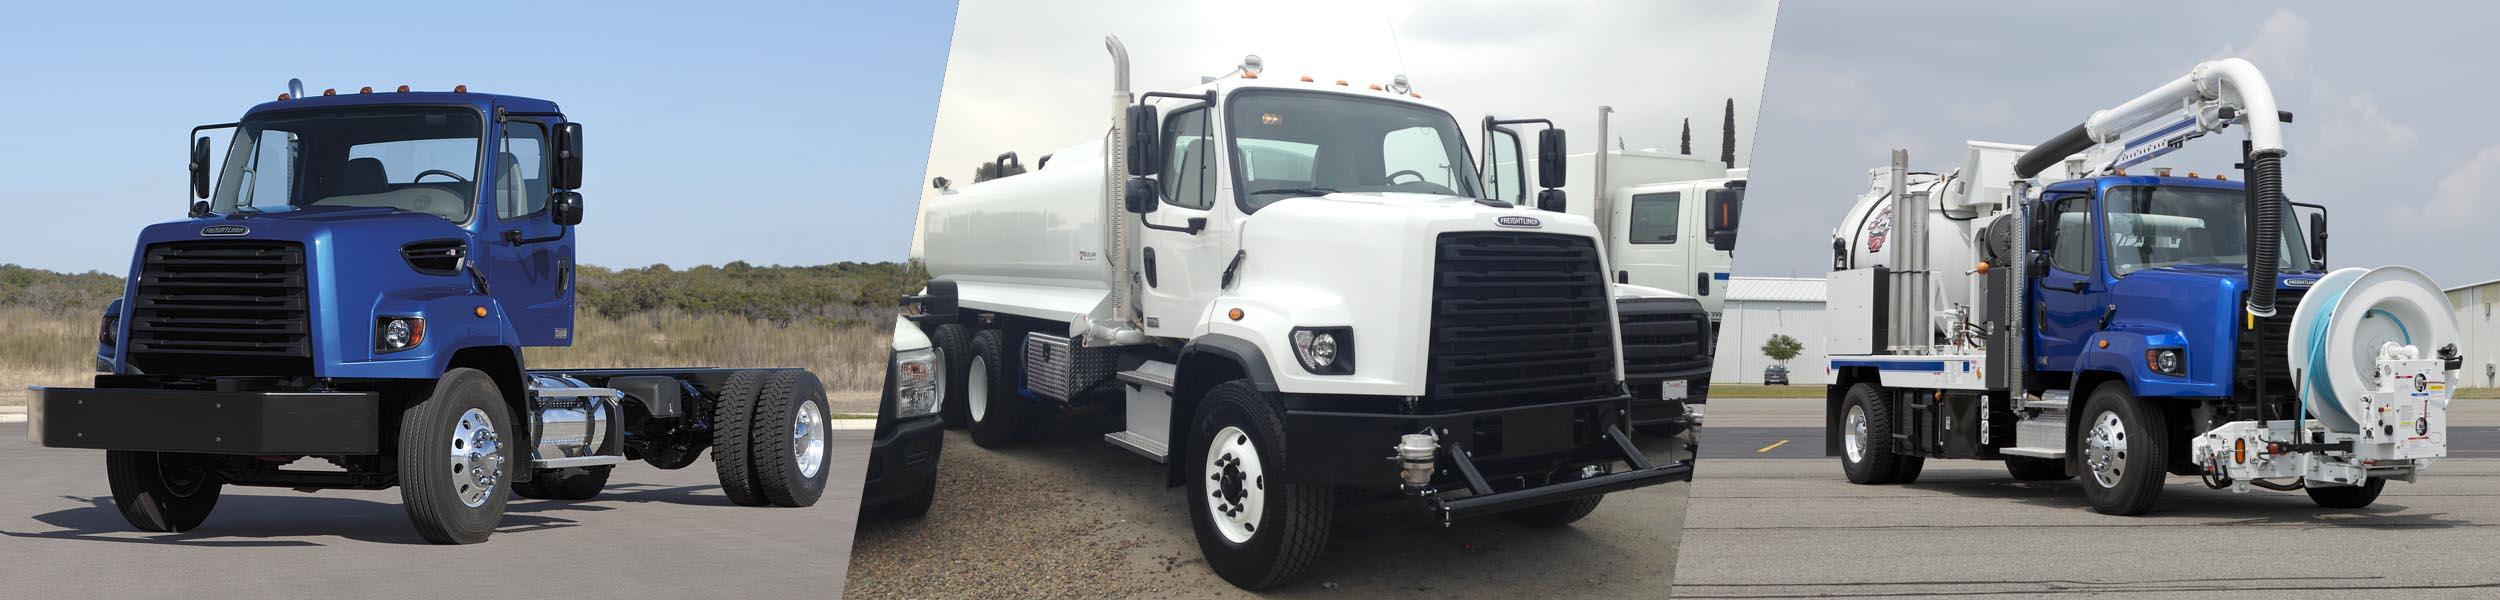 108SD trucks